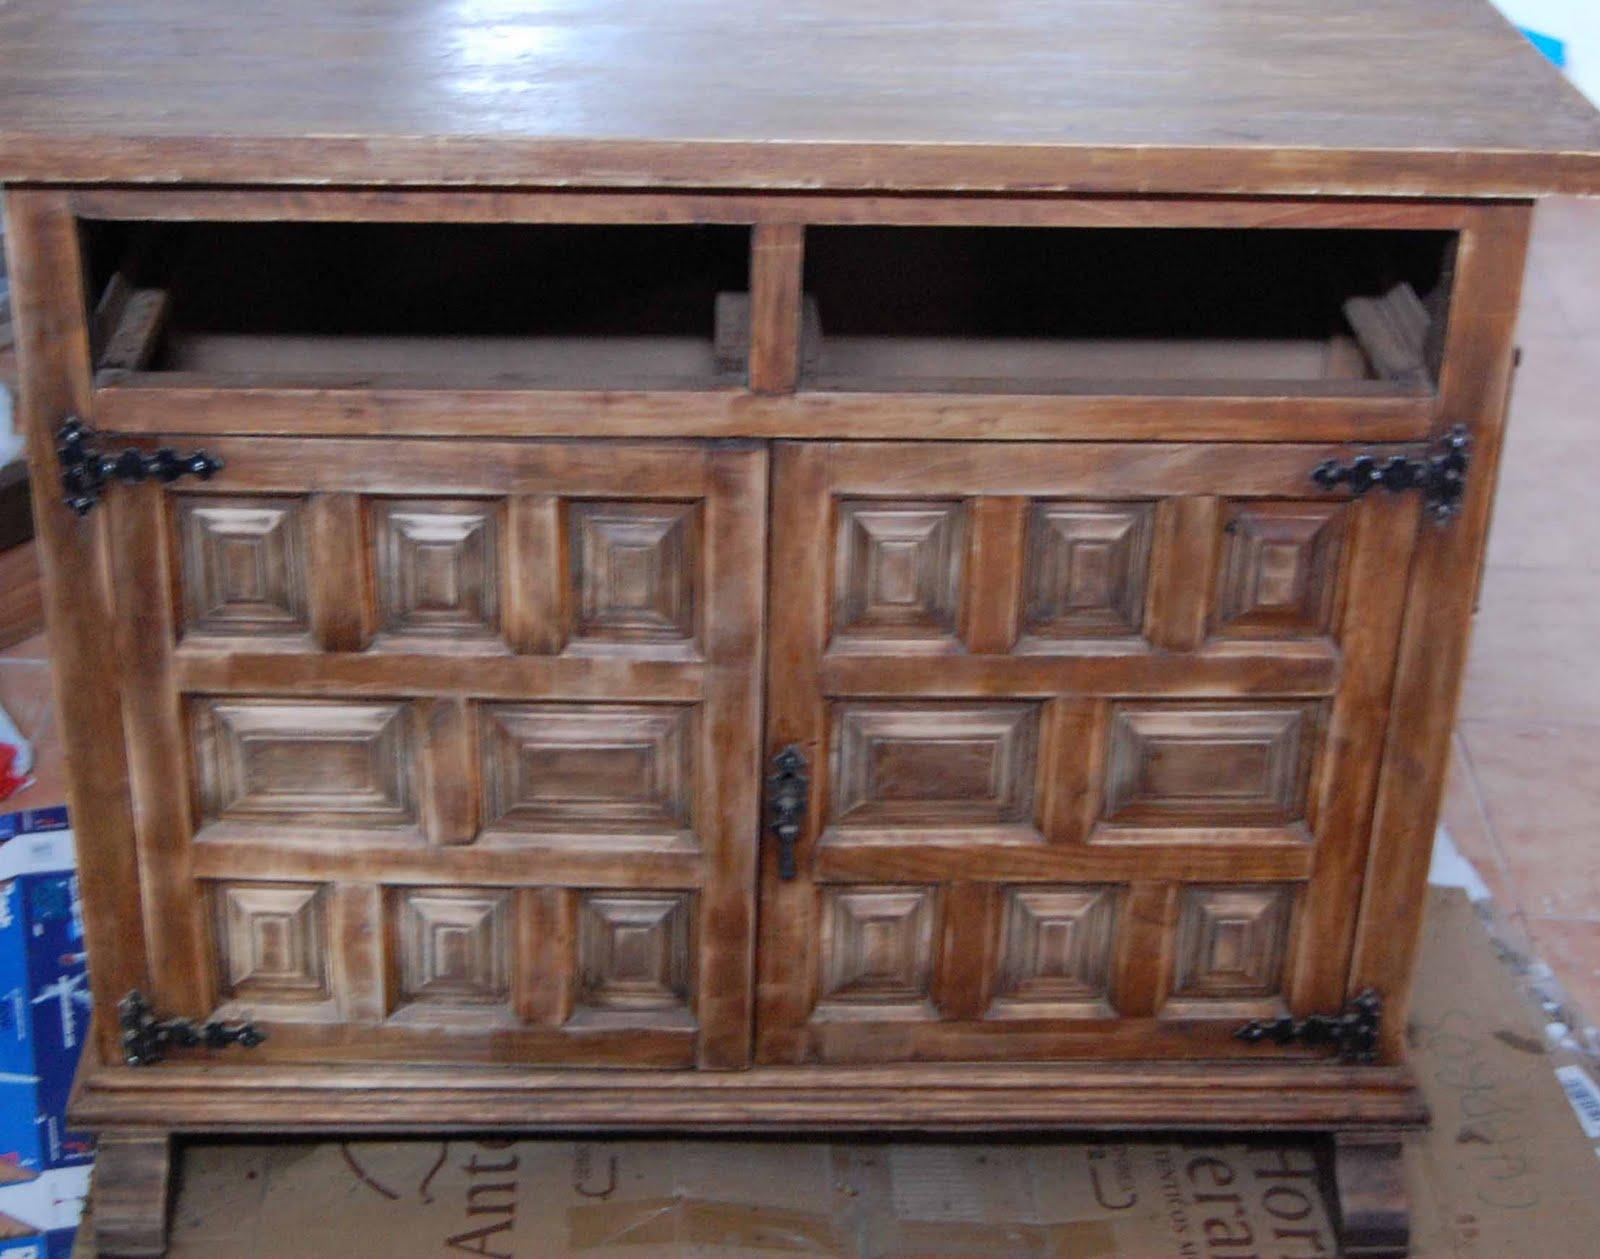 Venta De Muebles Para Casa Perfect Muebles Para Comedor Y Sala  # Muebles Lijados